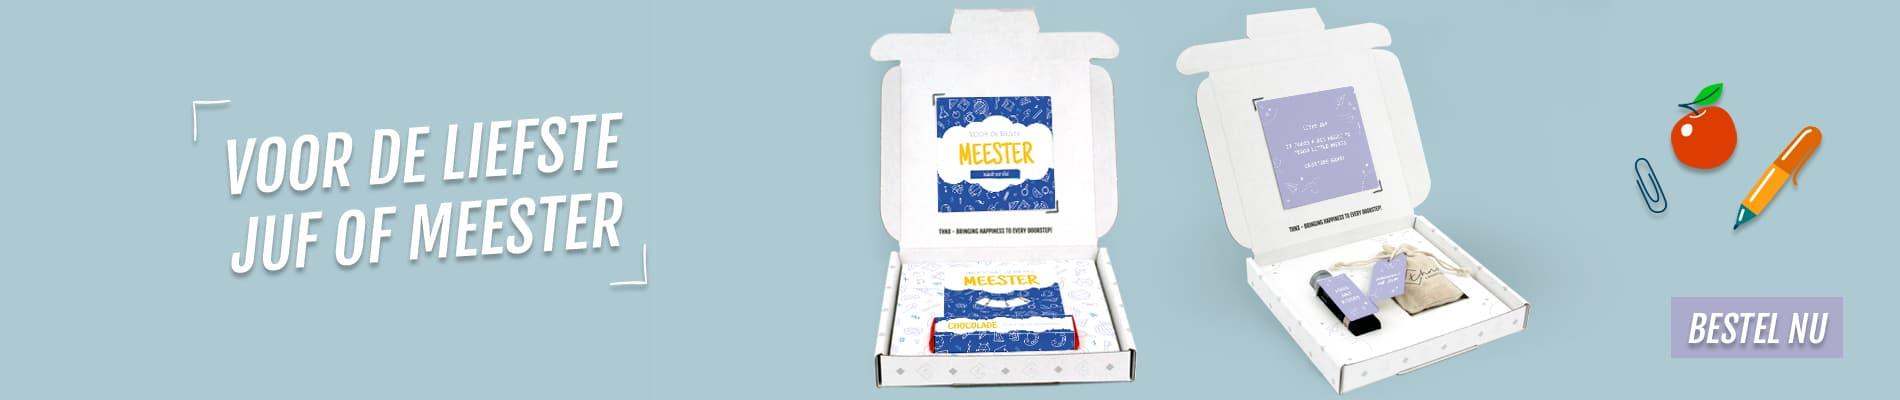 THNX Brievenbuspakket Juf en Meester